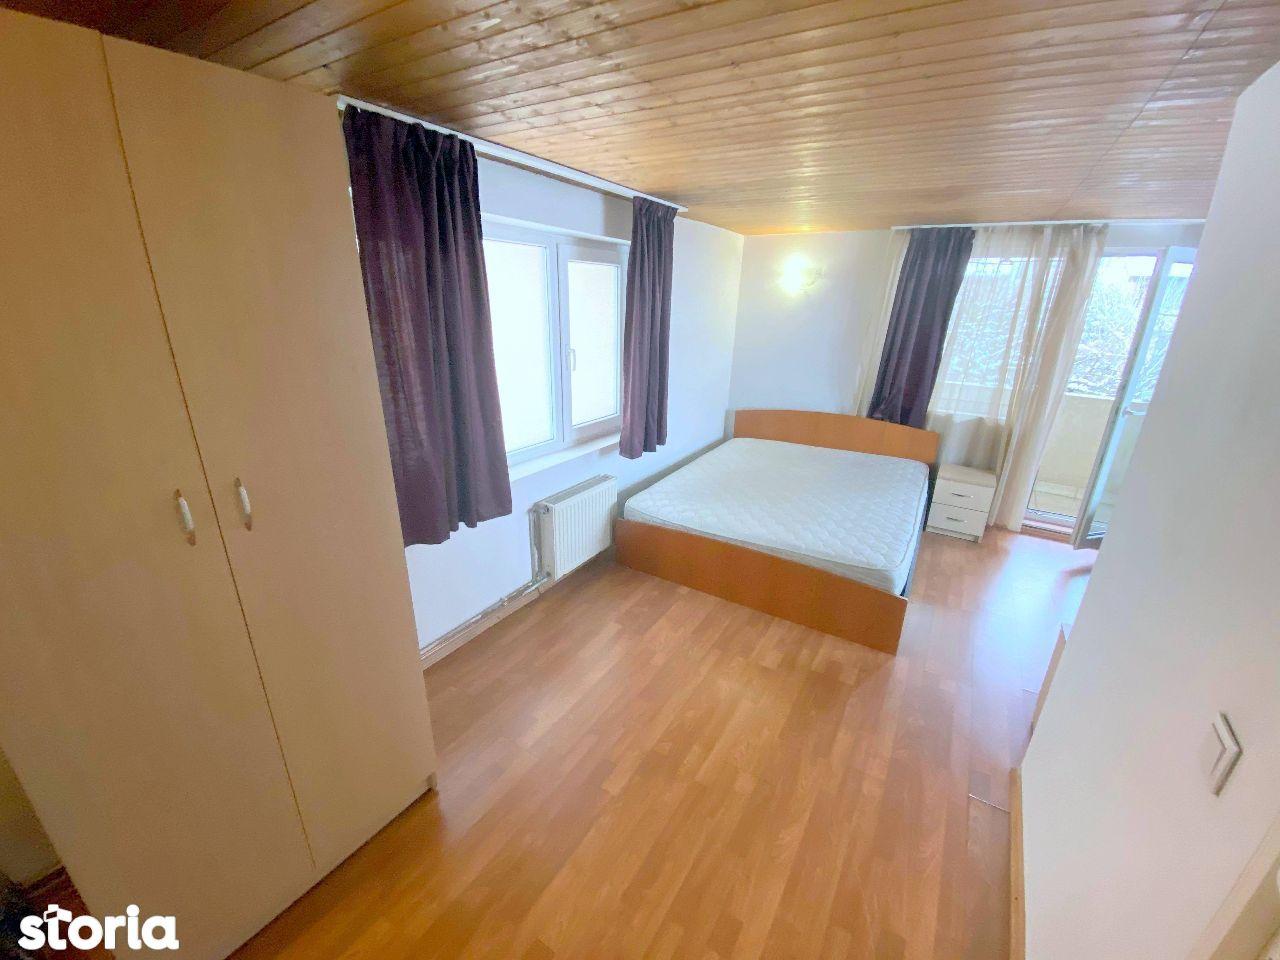 Apartament 1 camera, 45 mp, CU TOATE CHELTUIELILE INCLUSE, in Zorilor